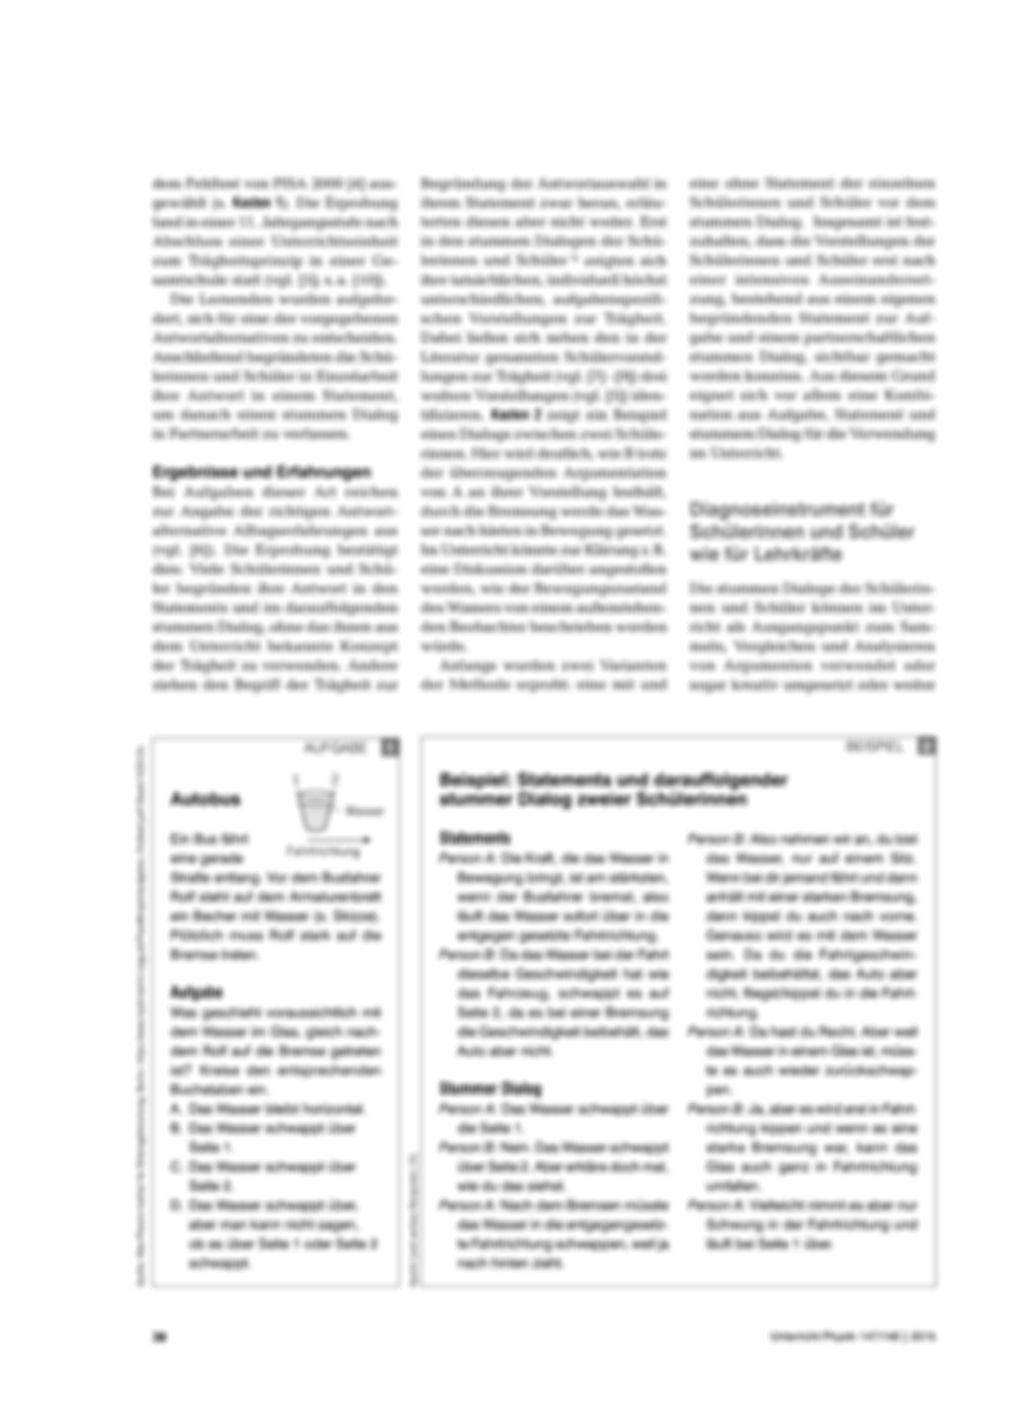 Der stumme Dialog als Diagnoseinstrument - Eine Methode zum Erfassen von Schülervorstellungen Preview 2